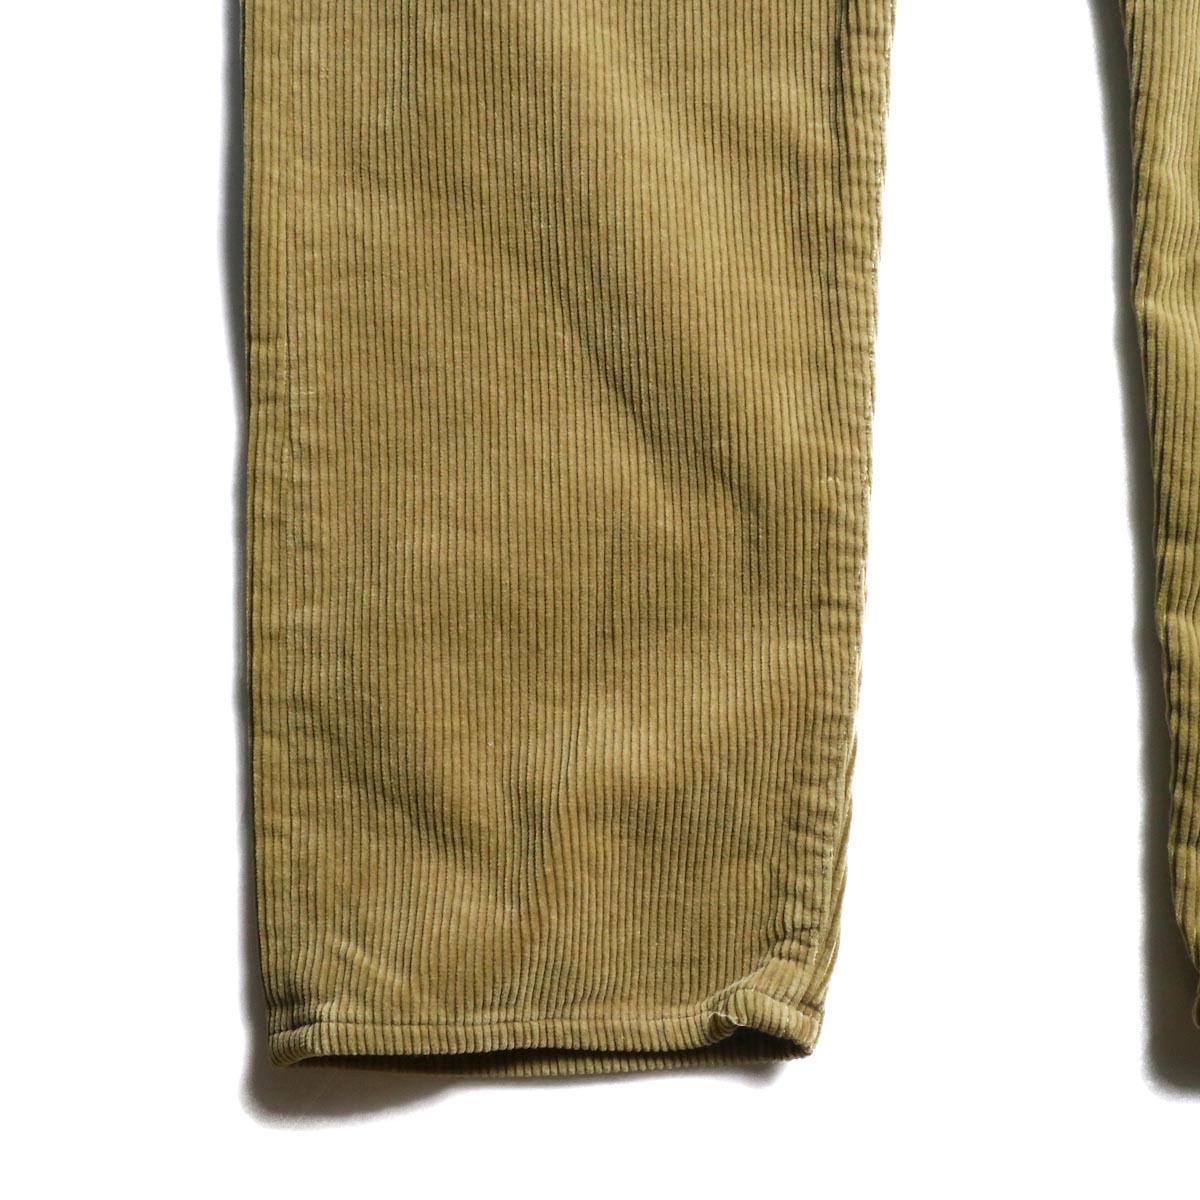 FUTURE PRIMITIVE / FP FZ CORDUROY PANTS (Beige)  裾